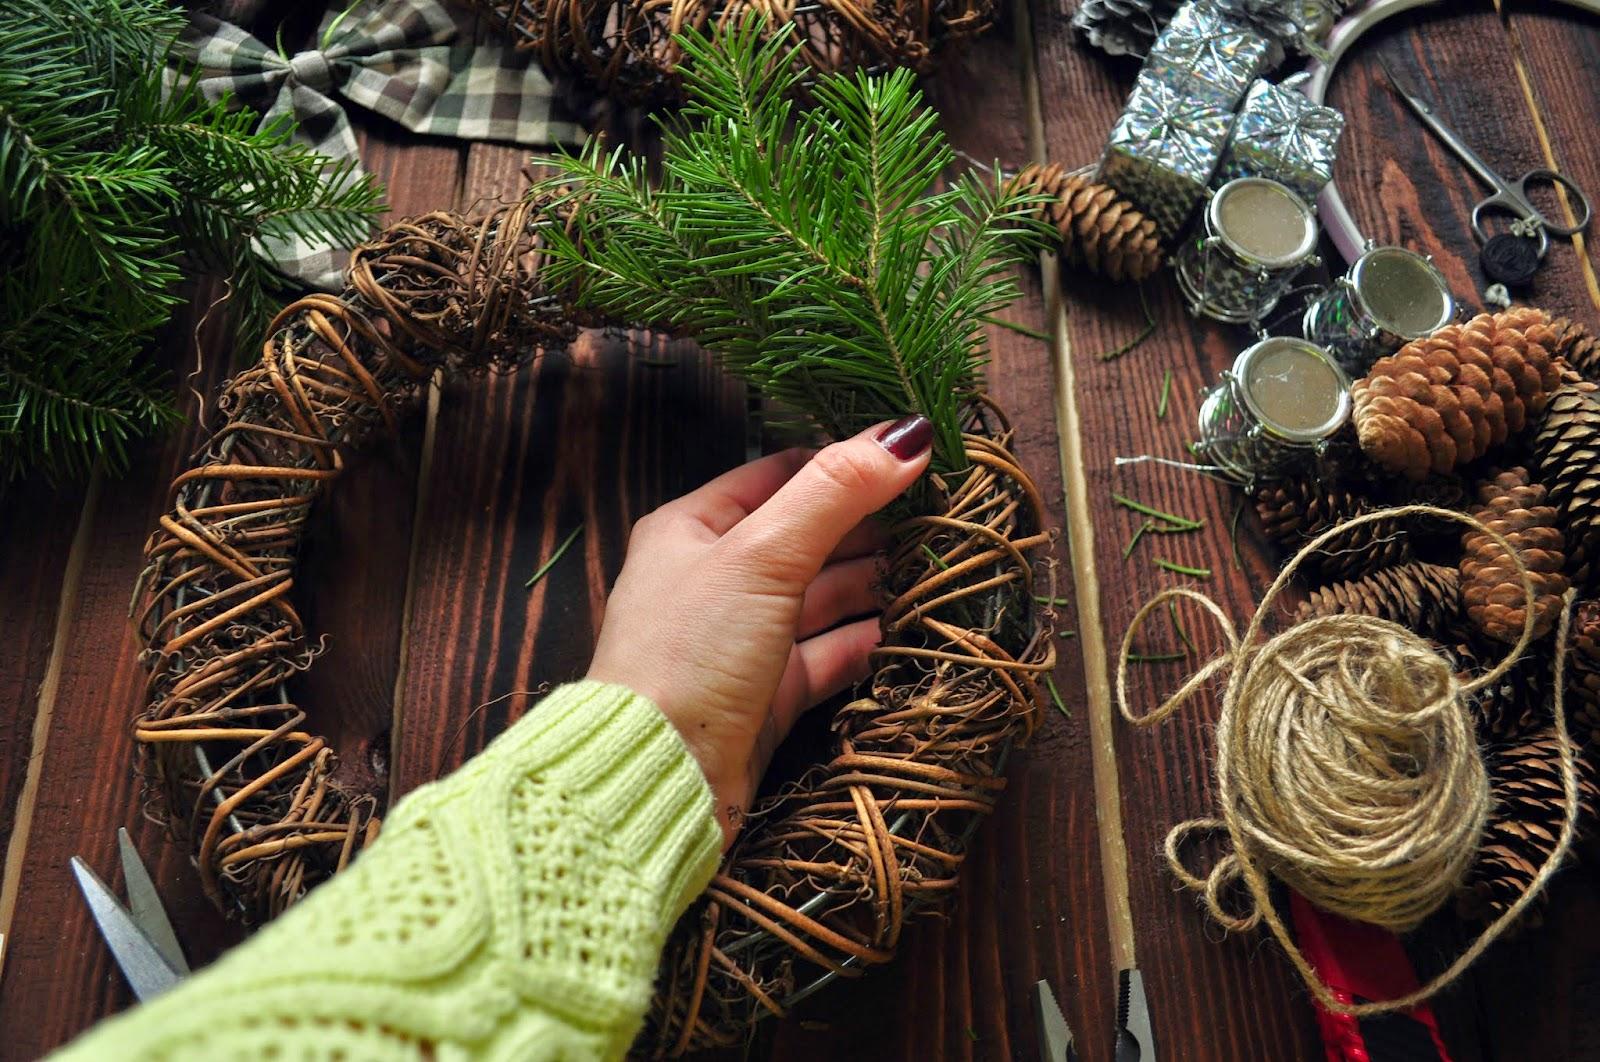 Рождественский венок своими руками из еловых веток: мастер класс пошагово